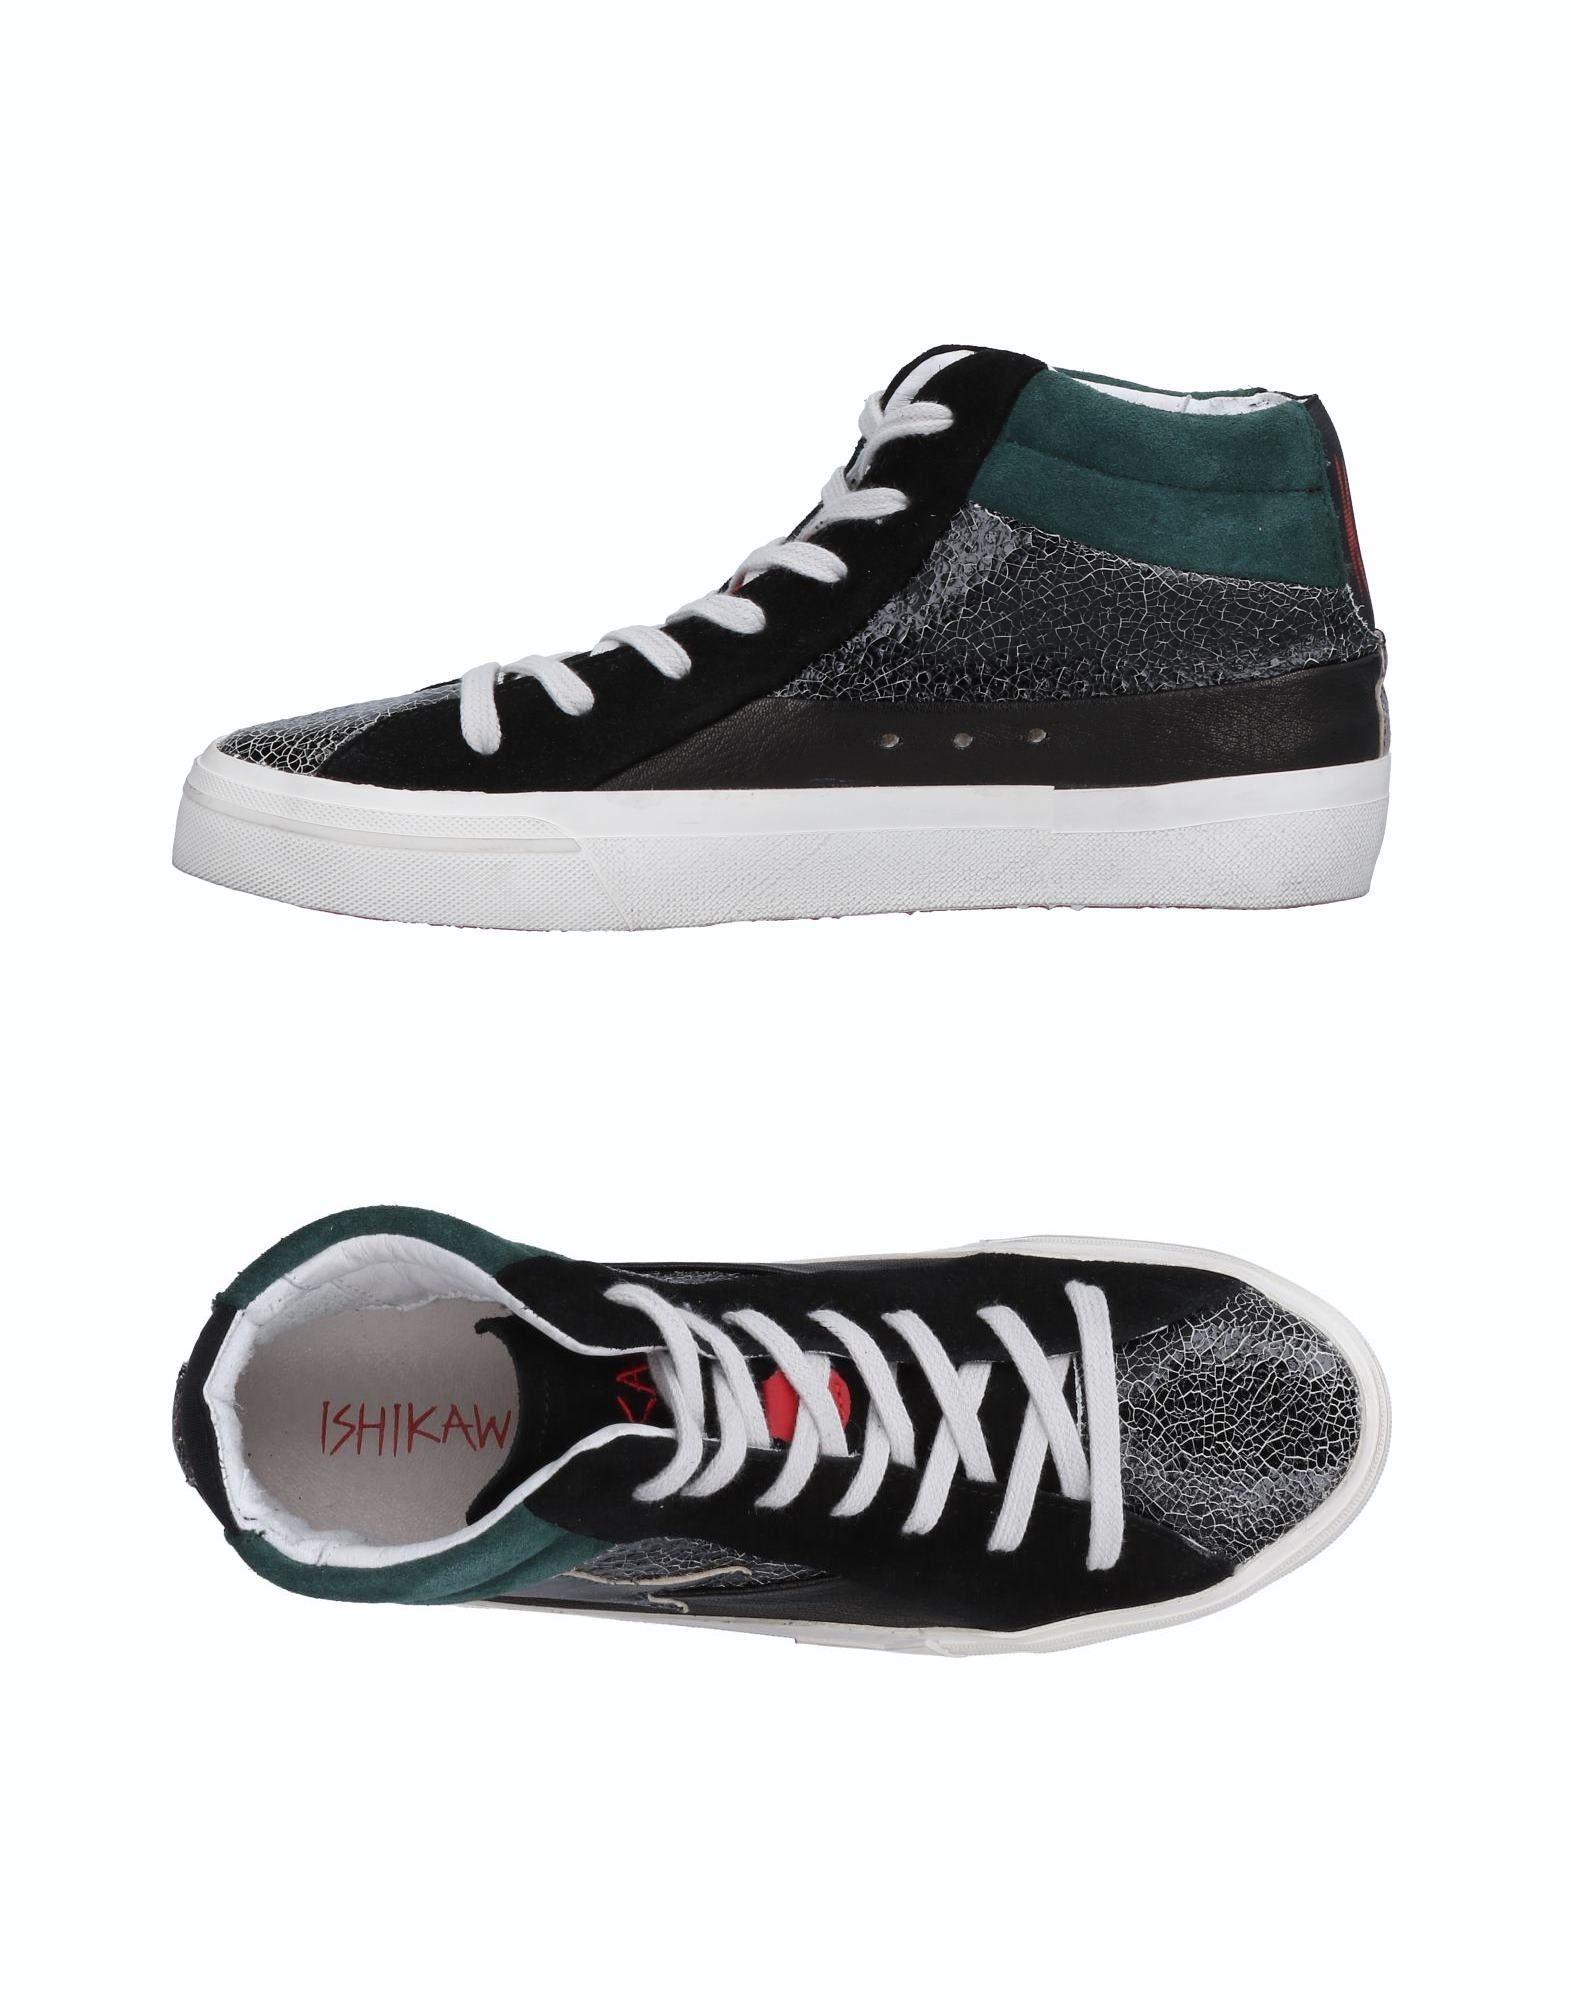 Scarpe economiche e resistenti Sneakers Uomo Ishikawa Uomo Sneakers - 11514323HU 313bff